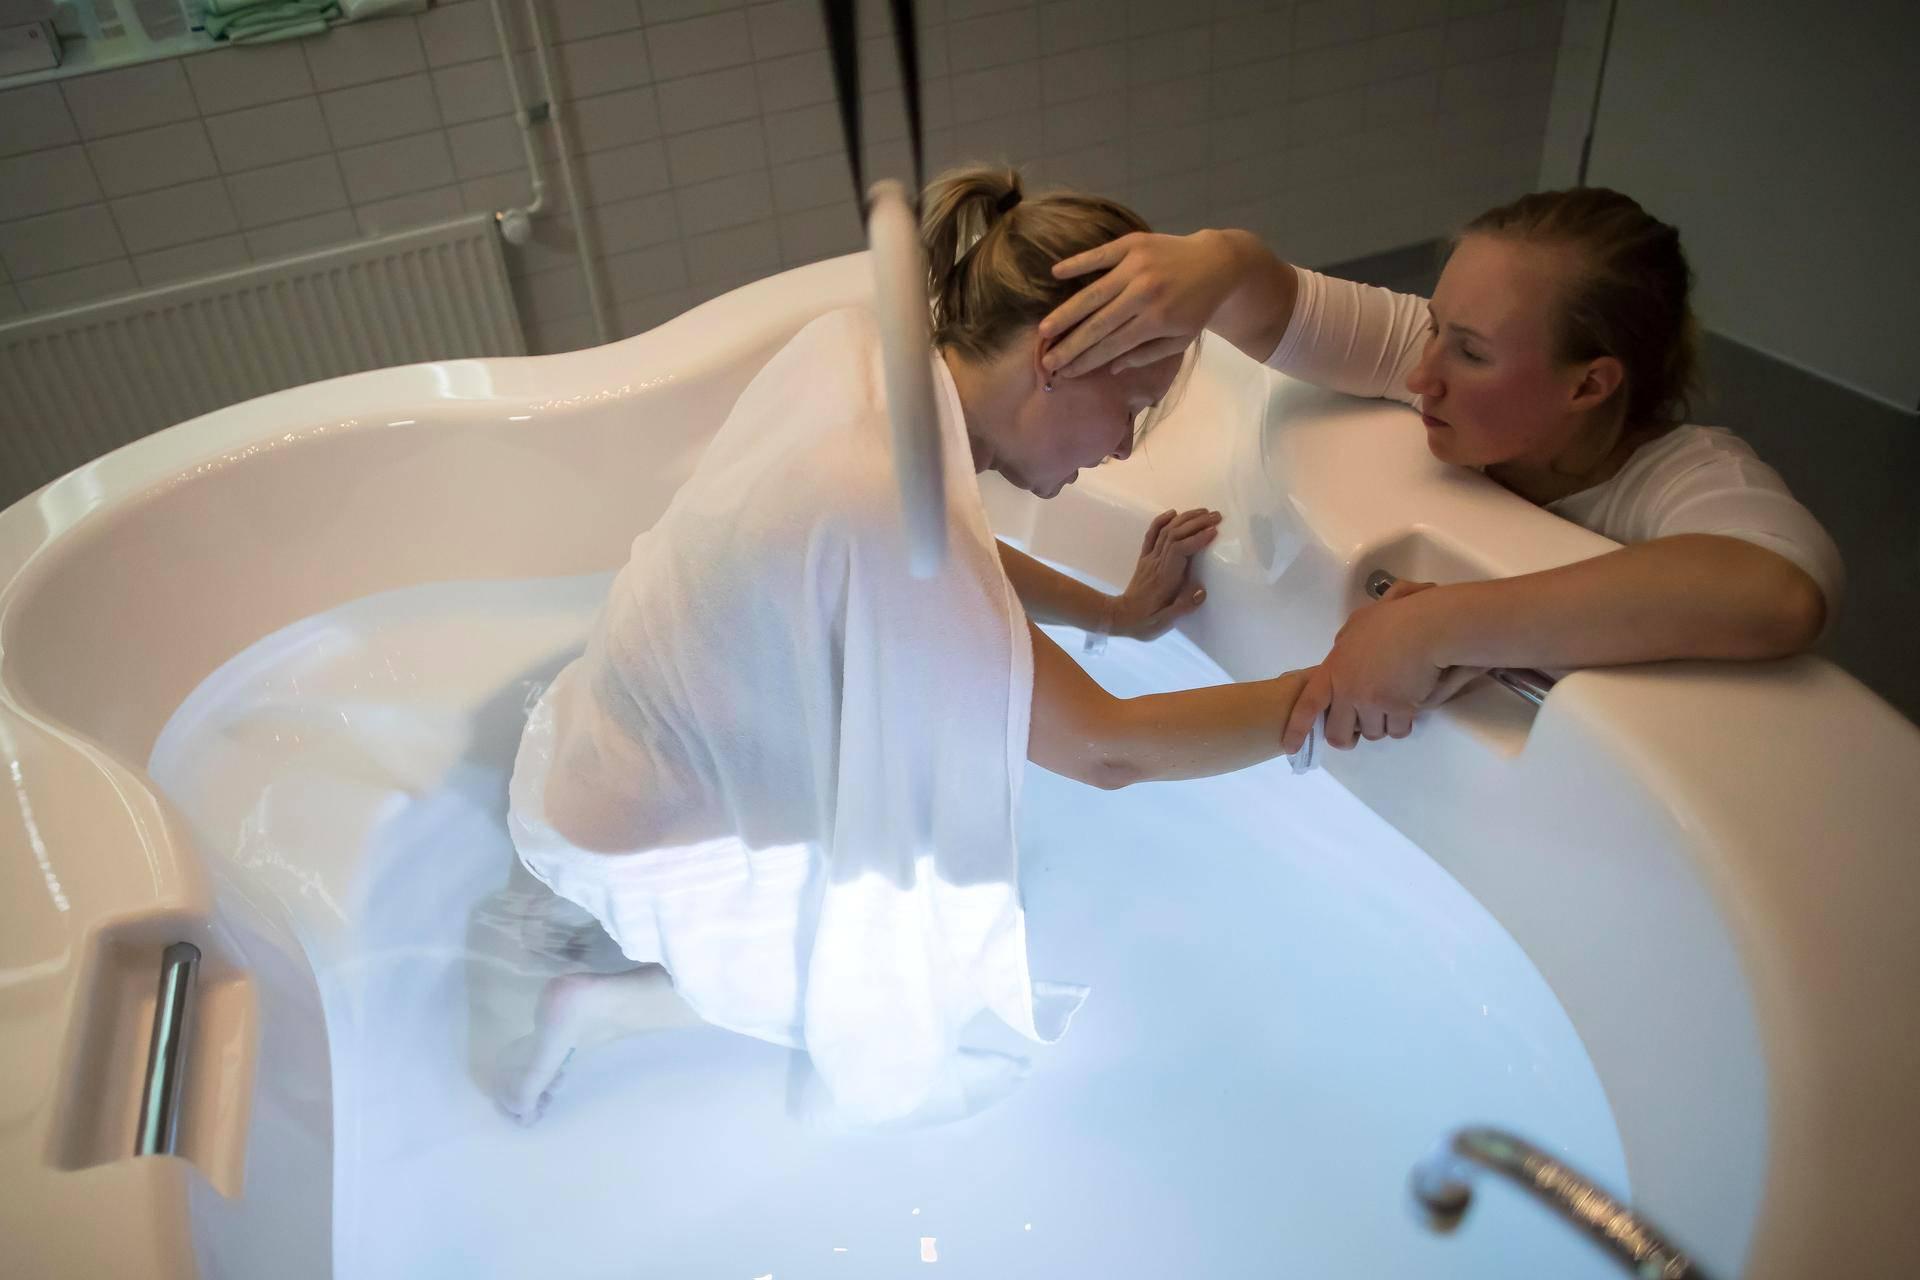 Doula Krista Katainen kannustaa ja lohduttaa Erikaa, kun kipu alkaa muuttua sietämättömäksi.